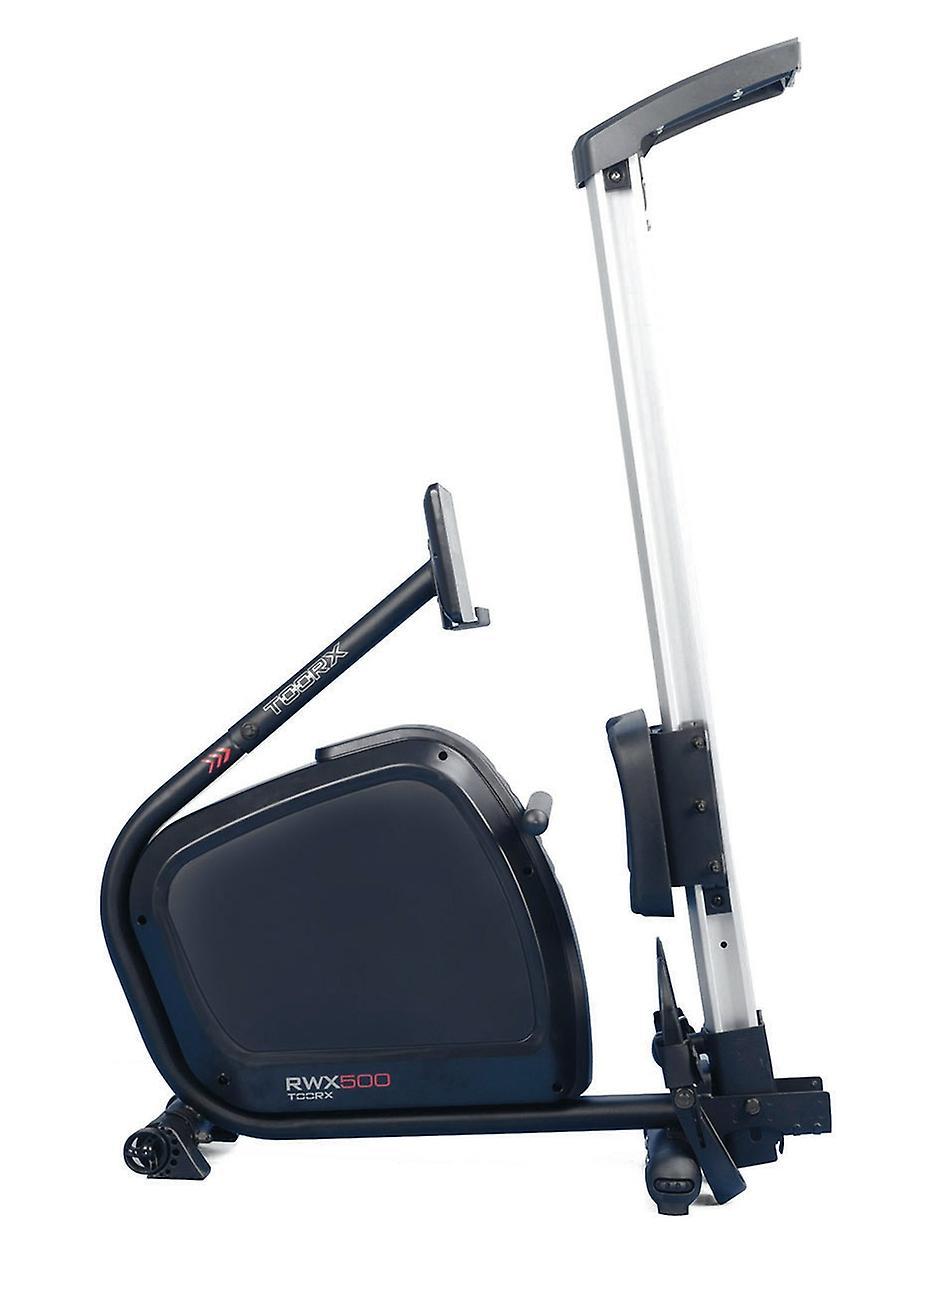 Toorx Chrono Line RWX-500 Rowing Machine - LCD Backlit Display - 12 Programs